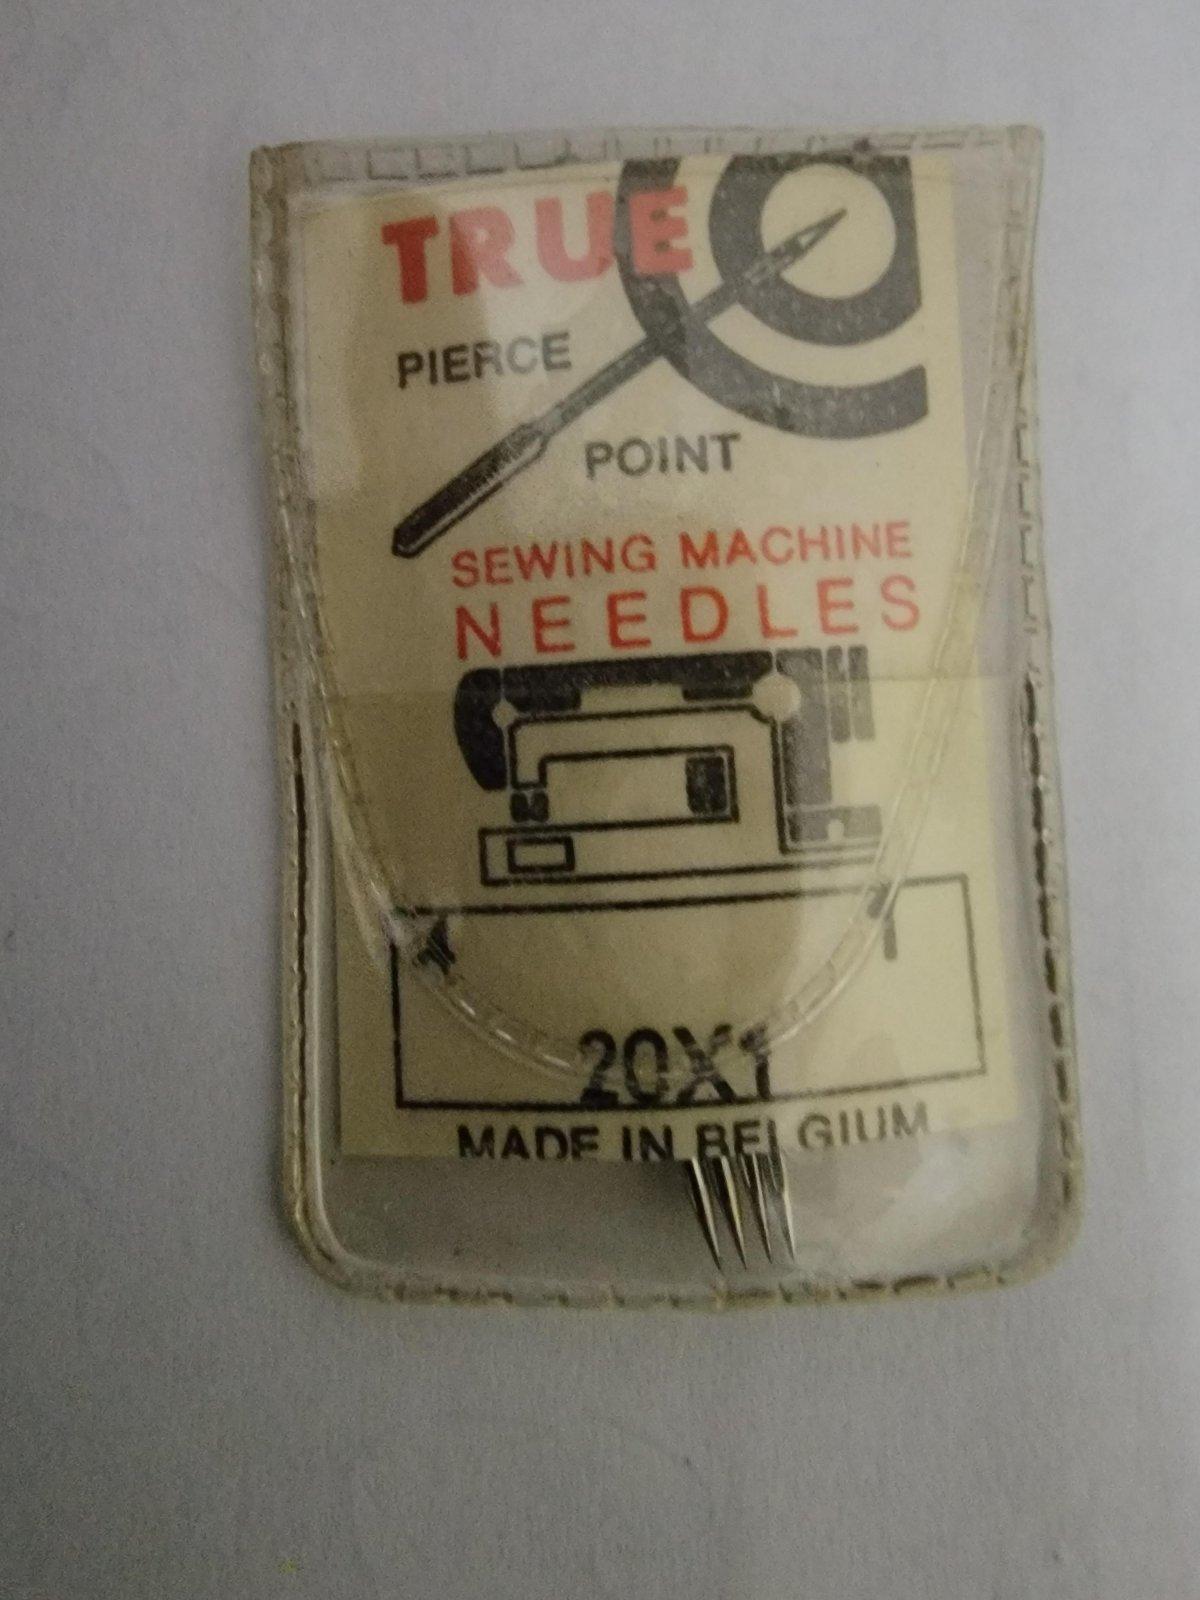 NEEDLES 20x1 SIZE 14/90 PK 25 HOLLANDIA